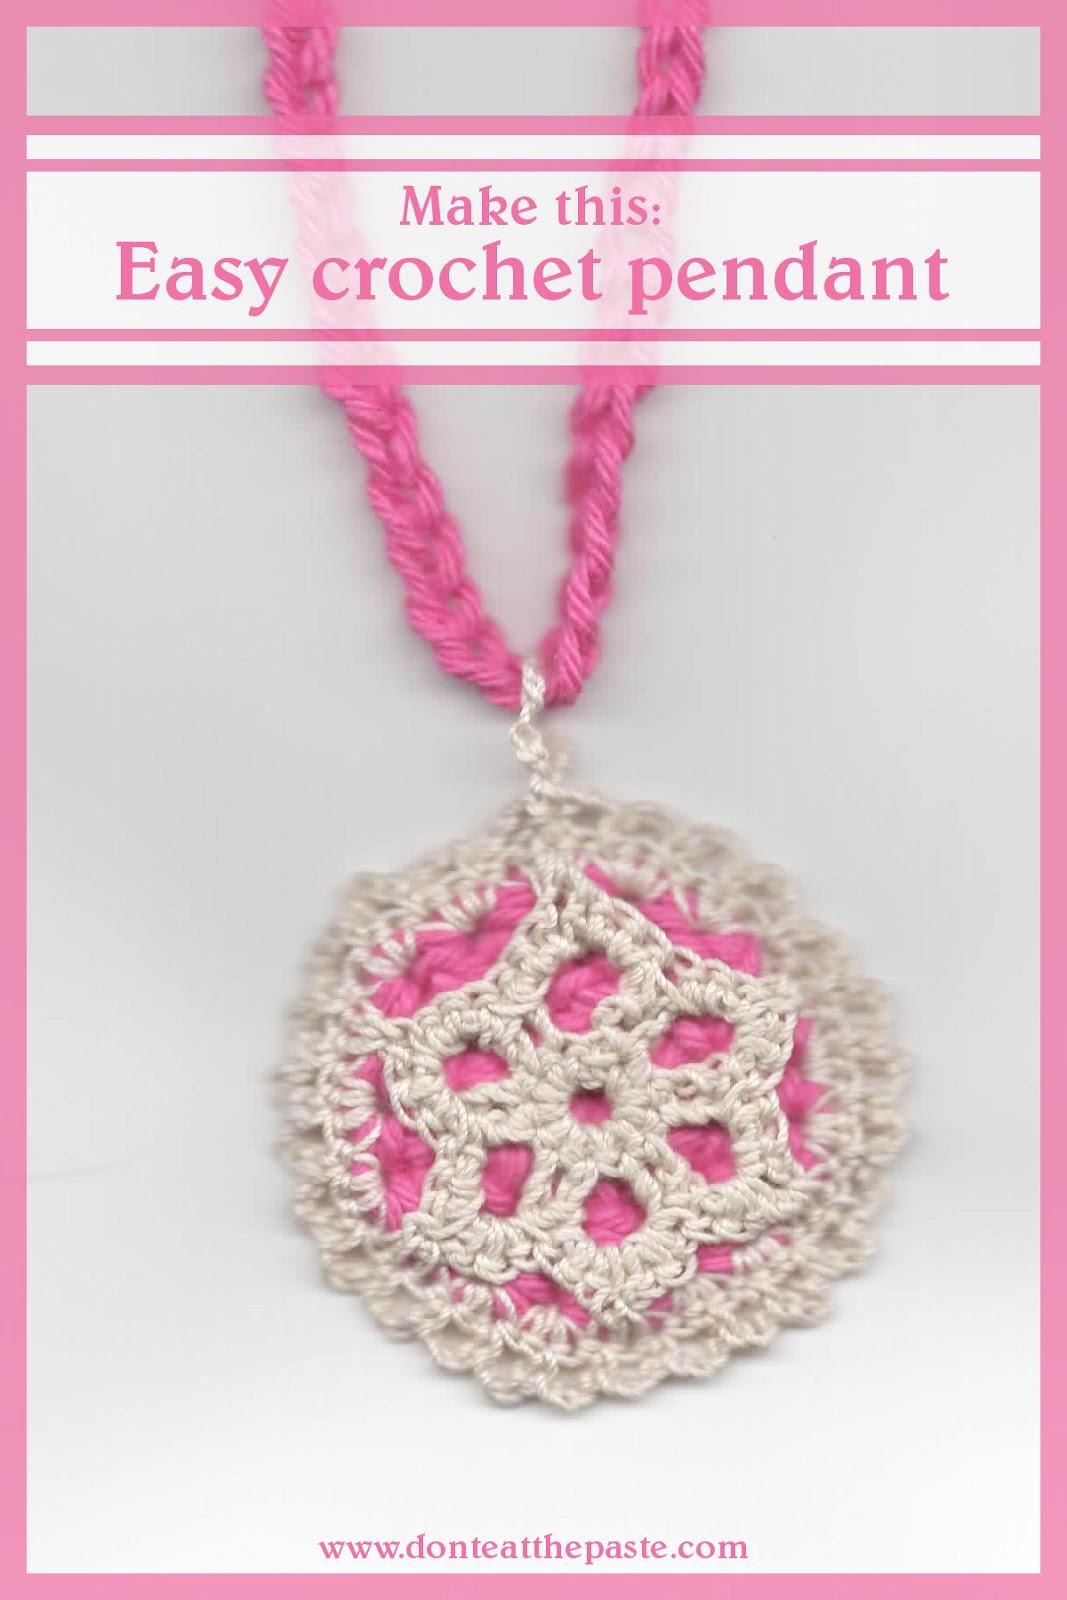 Crochet pendant pattern